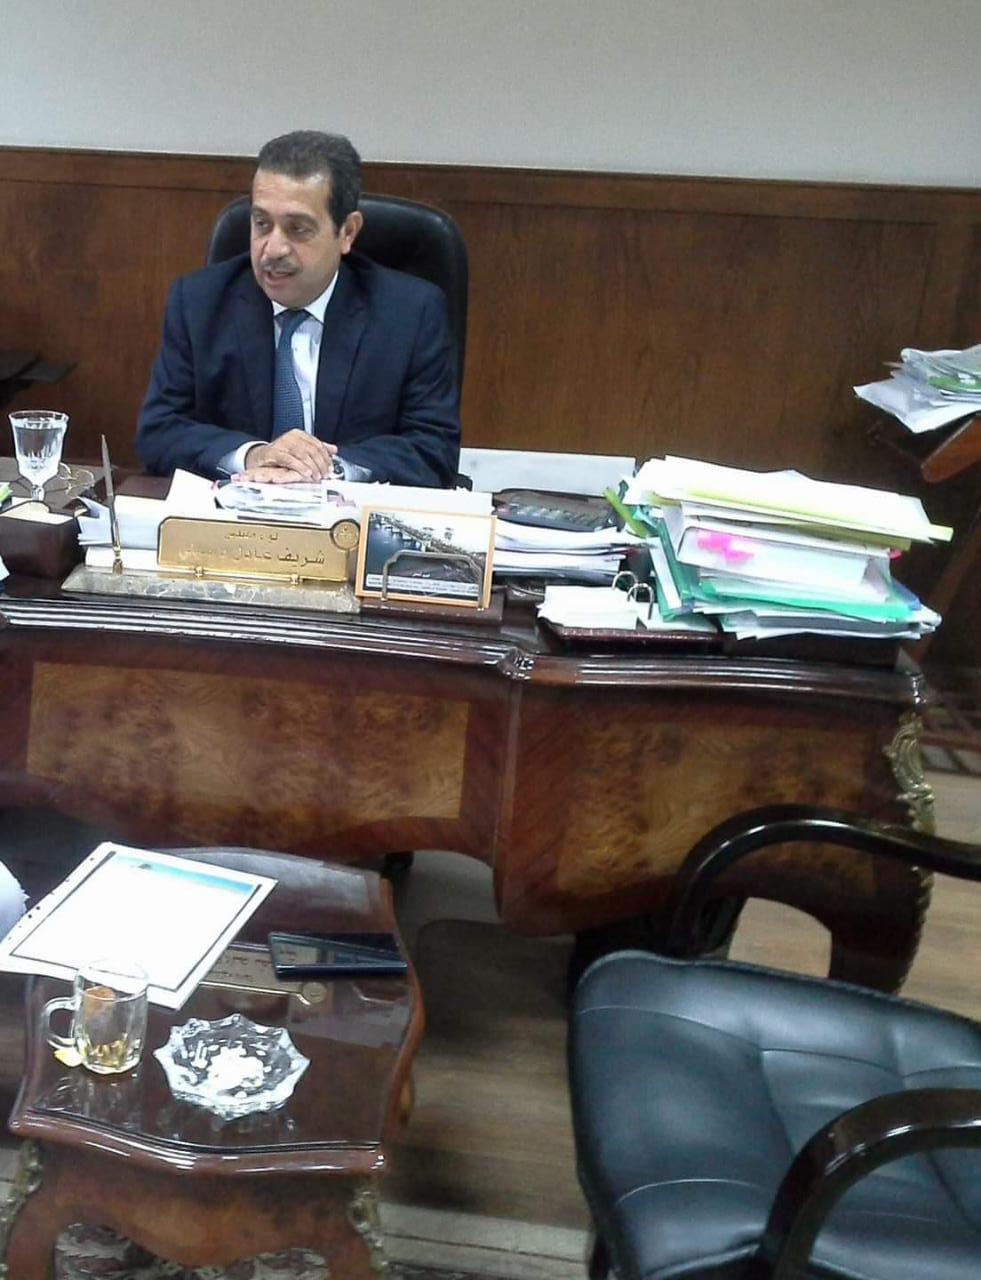 شريف باسيلي: الانتهاء من تطبيق نظام ميكنة الصوامع بكافة محافظات الجمهورية خلال الربع الأول من 2022